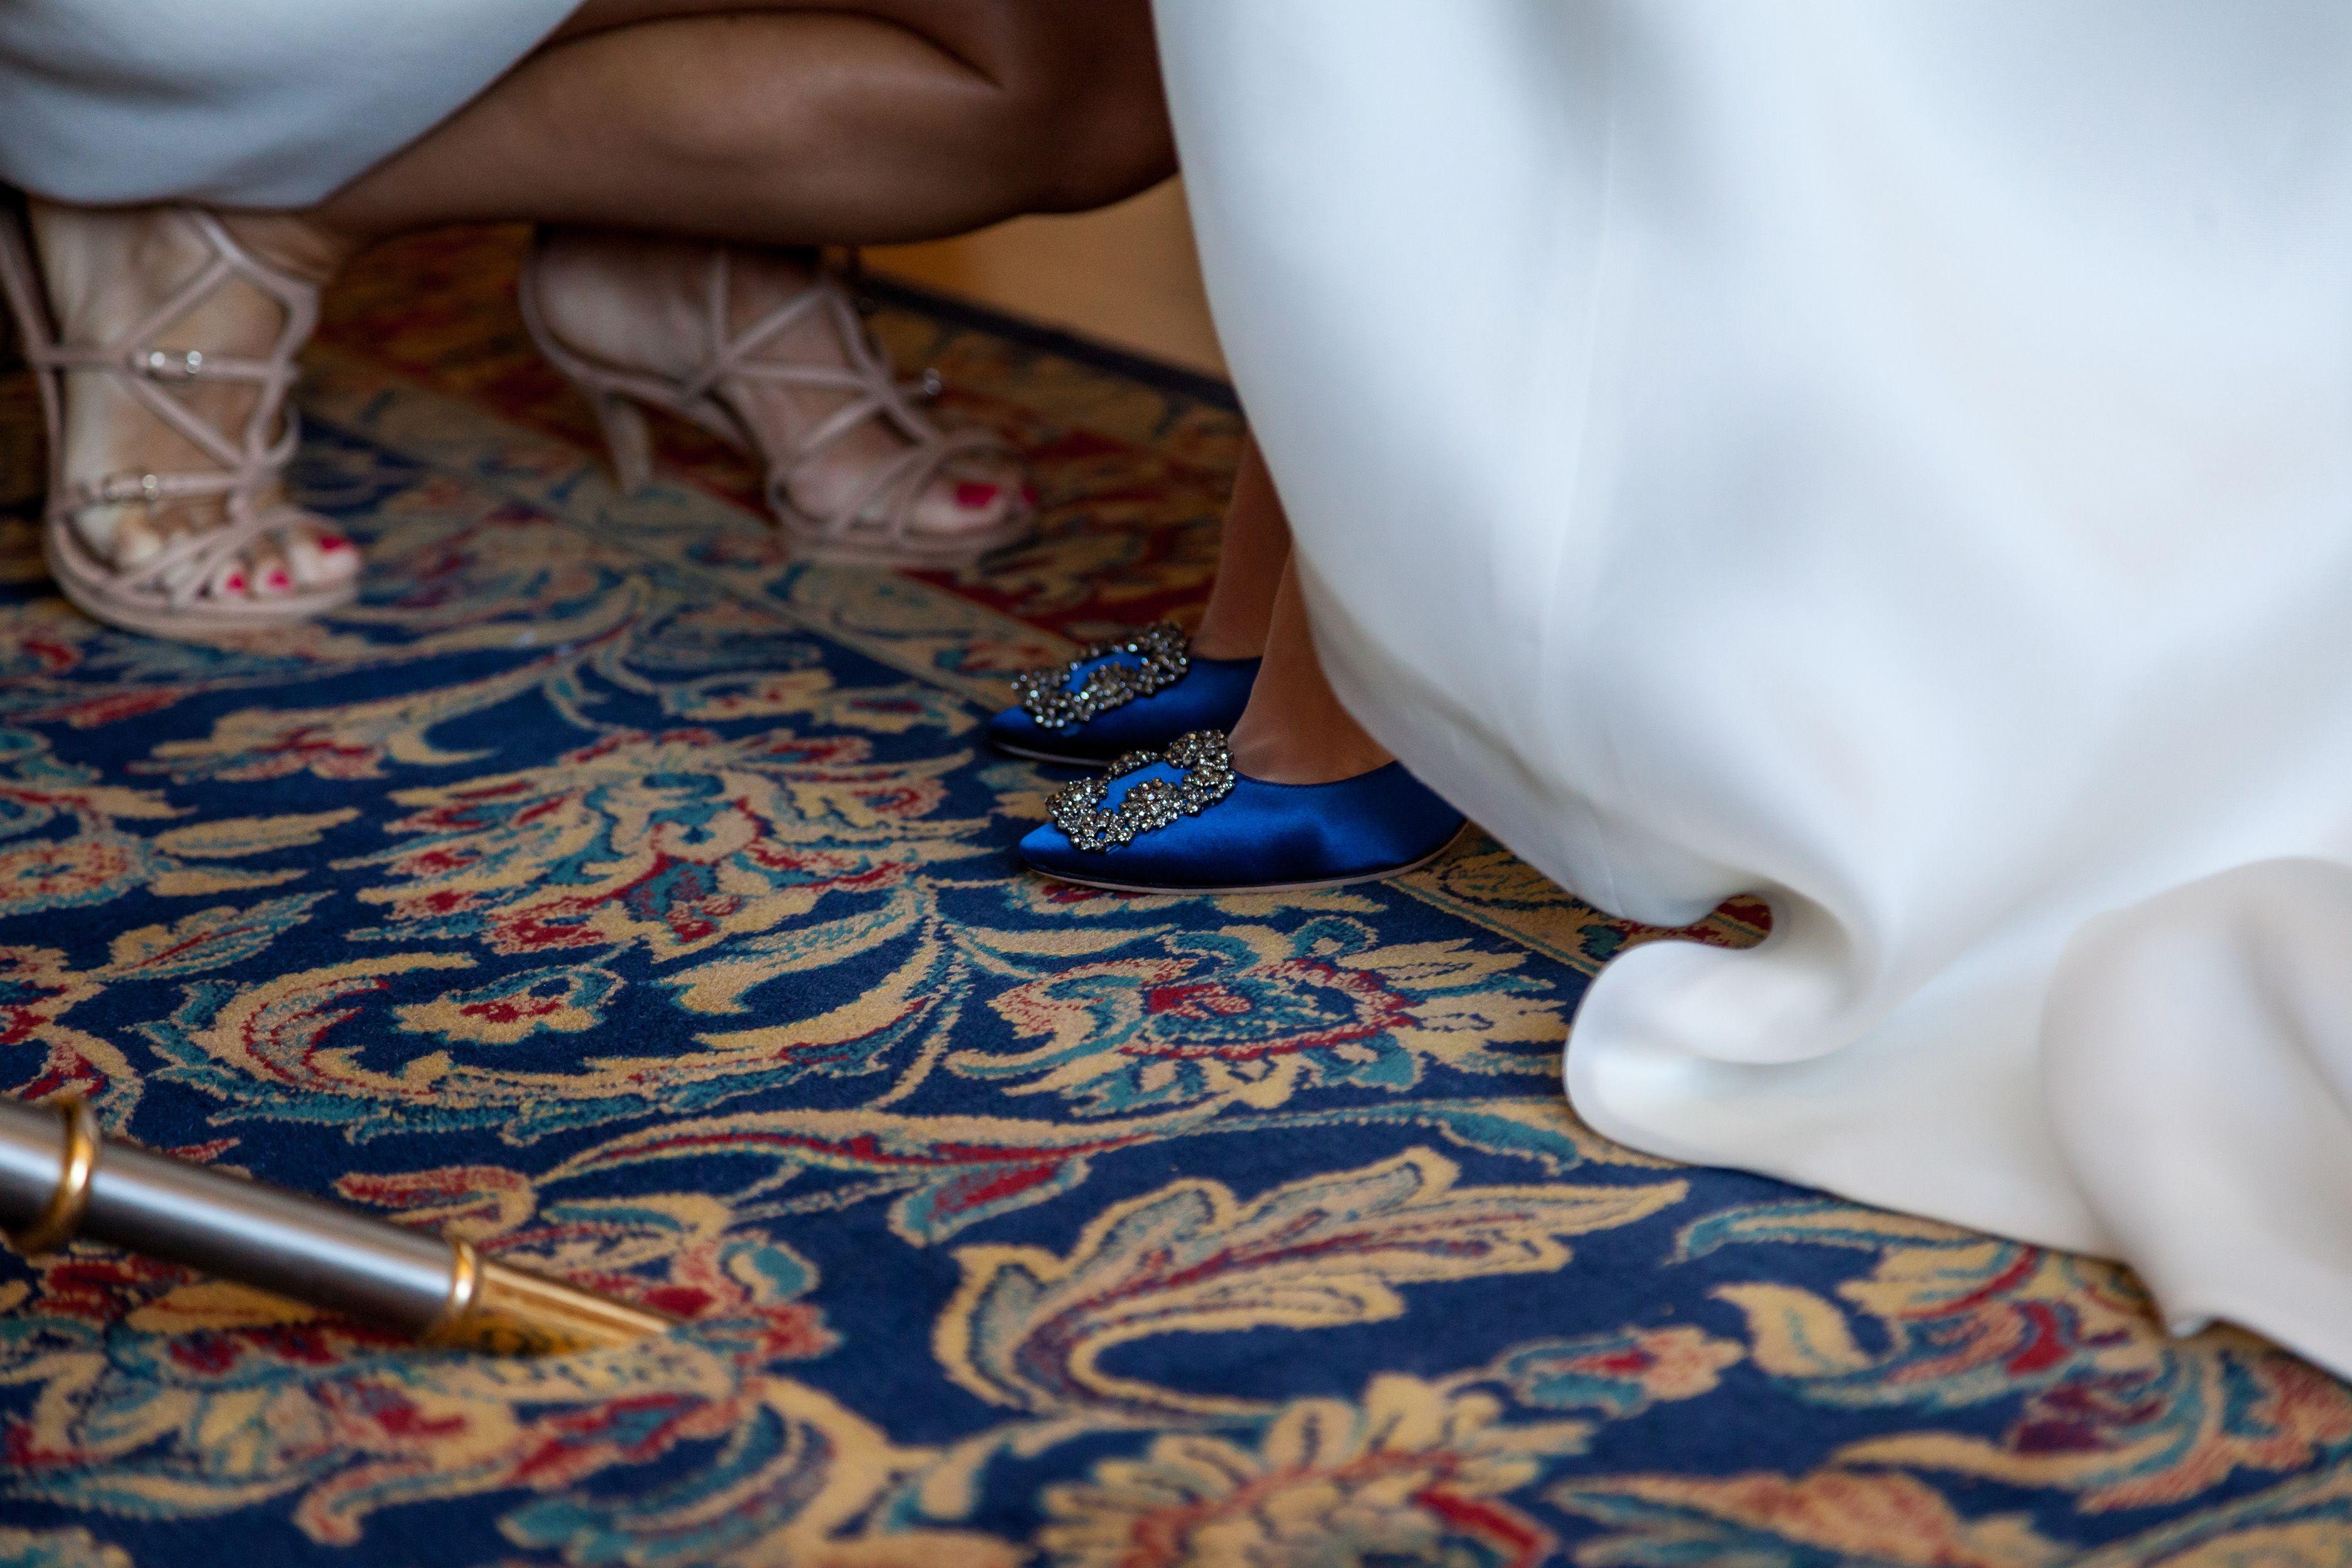 Esta fotografía de @rafaelpalaciofotografo descubrió la sorpresa que Mercedes escondía tras su vestido: estos fabulosos zapatos de Manolo Blahnik. ¡Nos encantan!